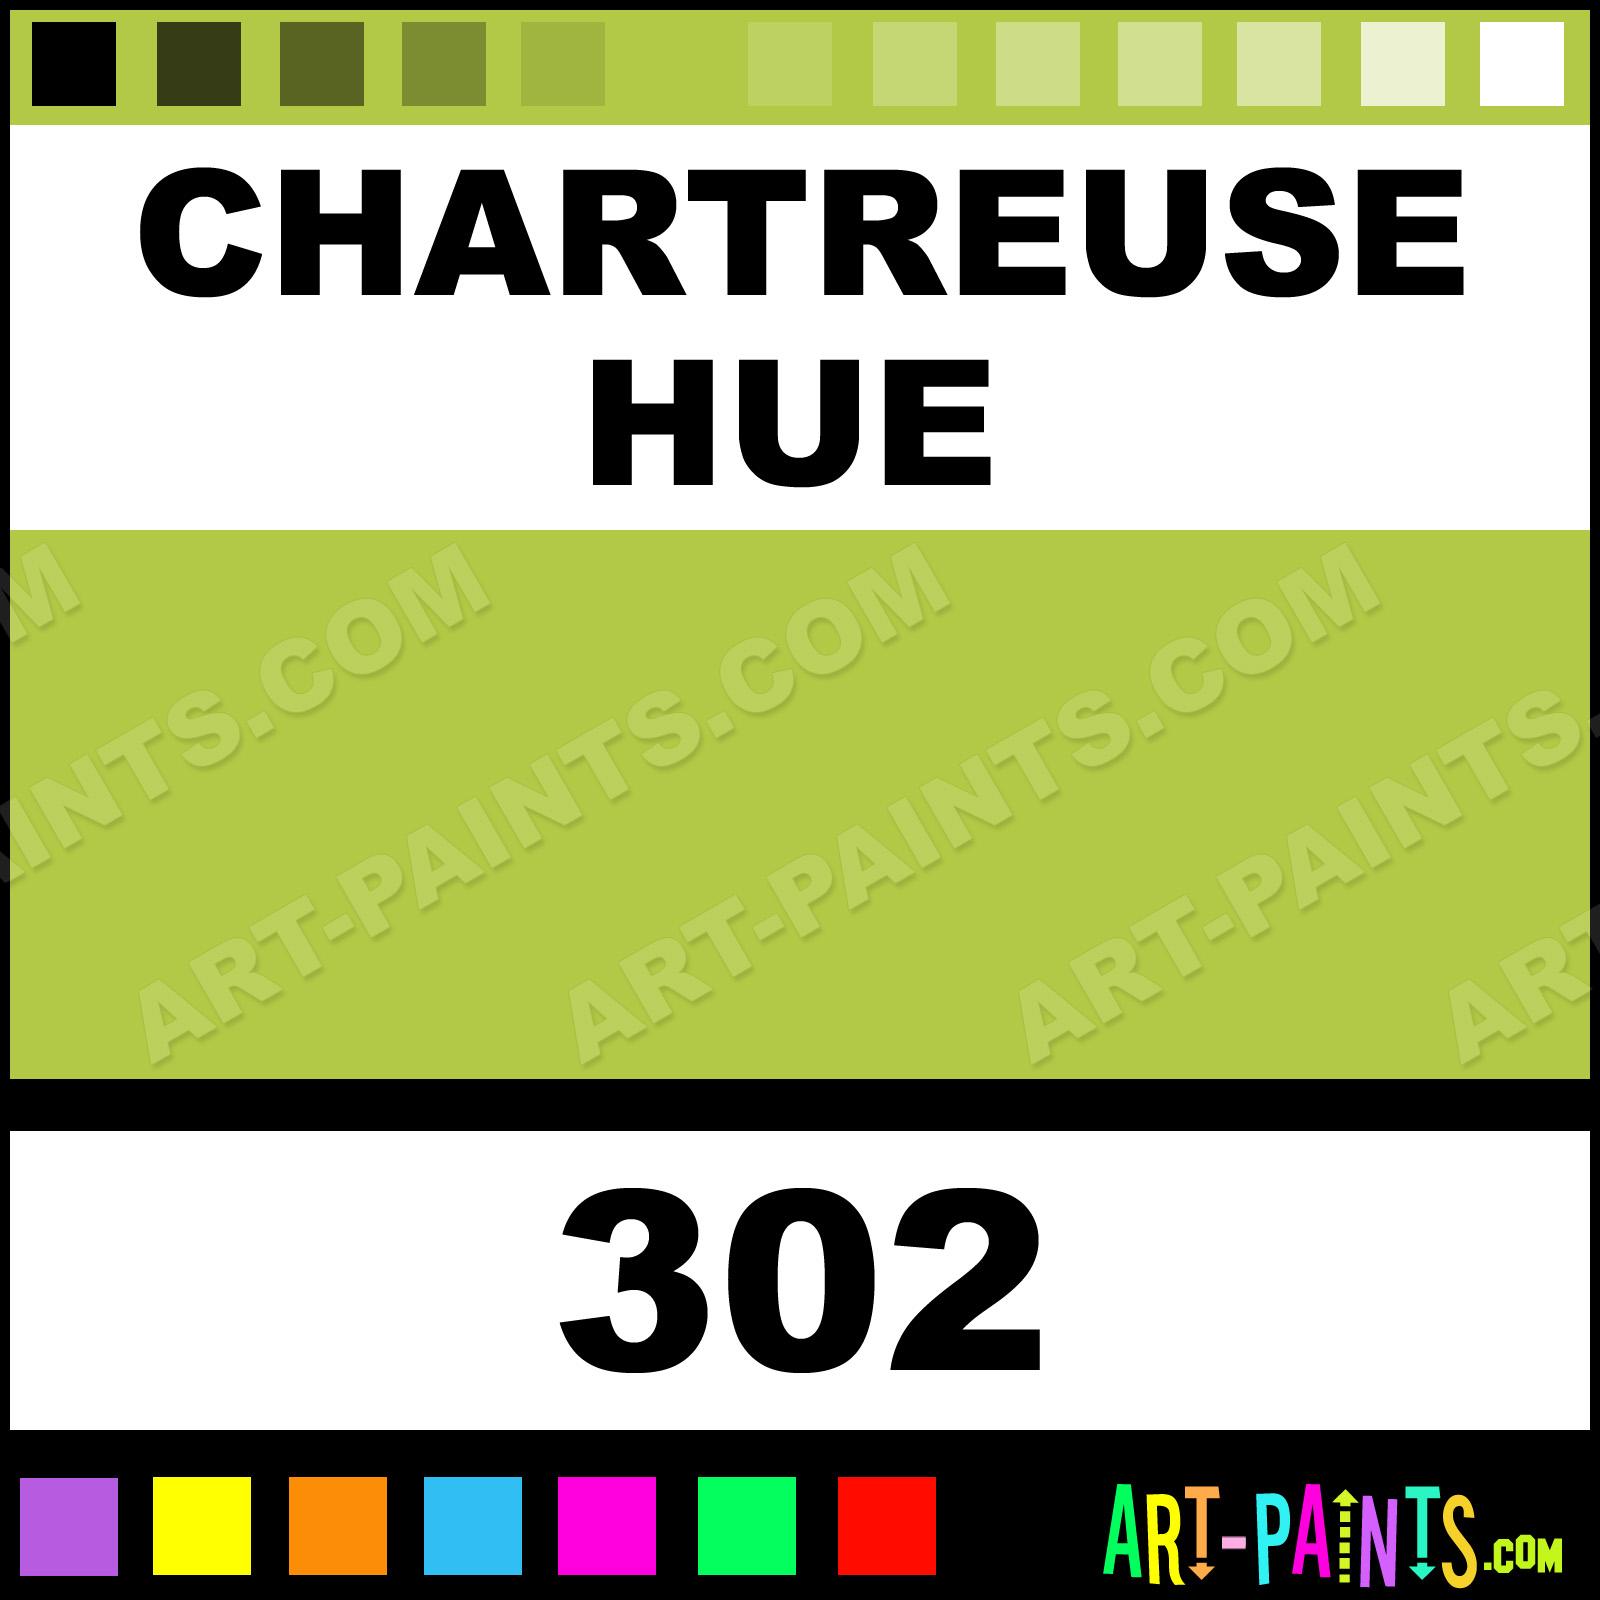 Chartreuse Extra Fine T7 Gouache Paints 302 Chartreuse Paint